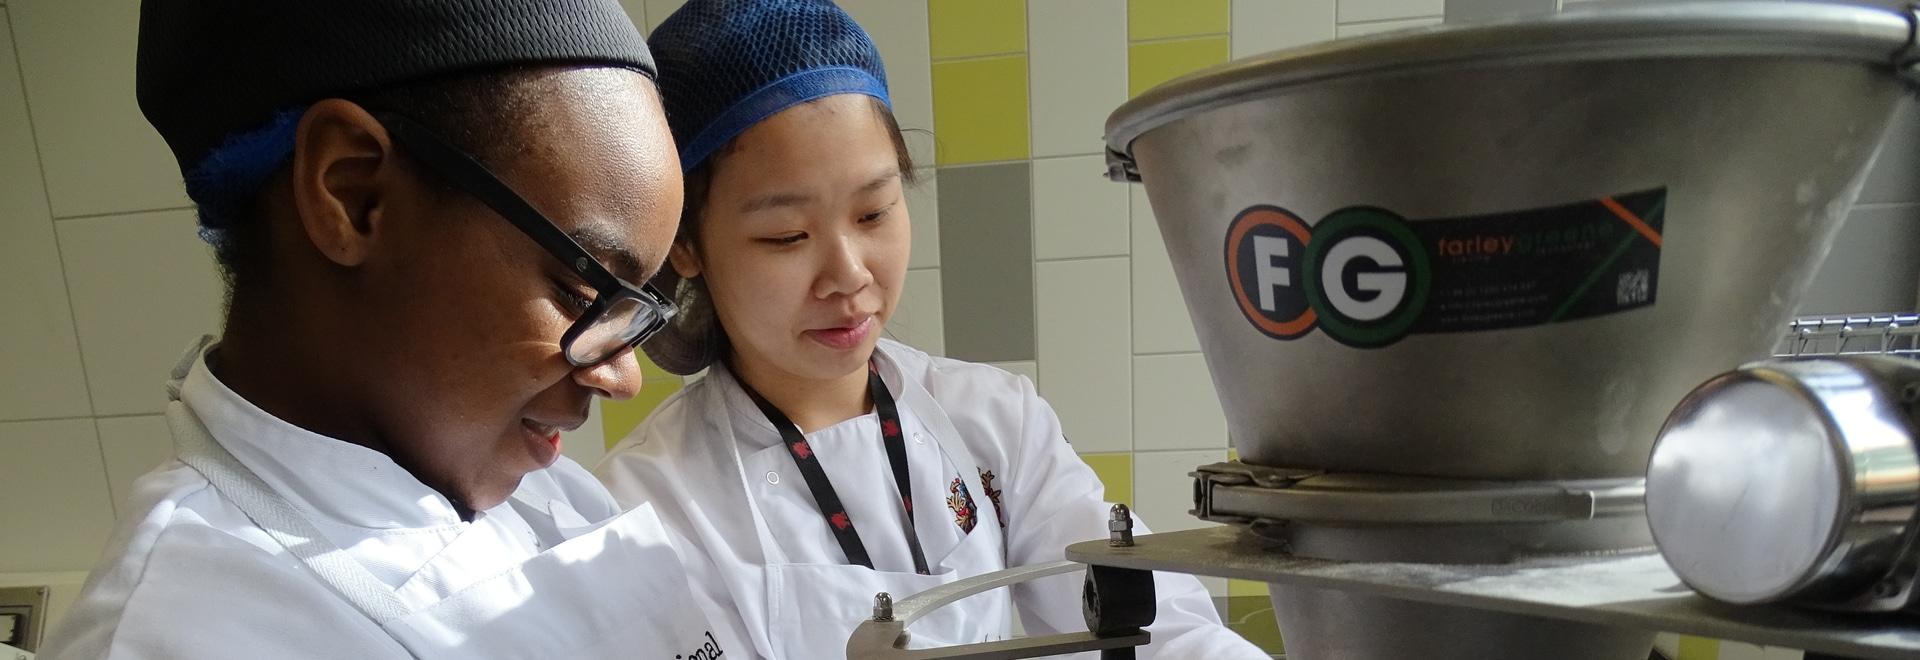 Farleygreene sind stolz, sein Wissen mit jungen Bäckerlehrlingen zu teilen.